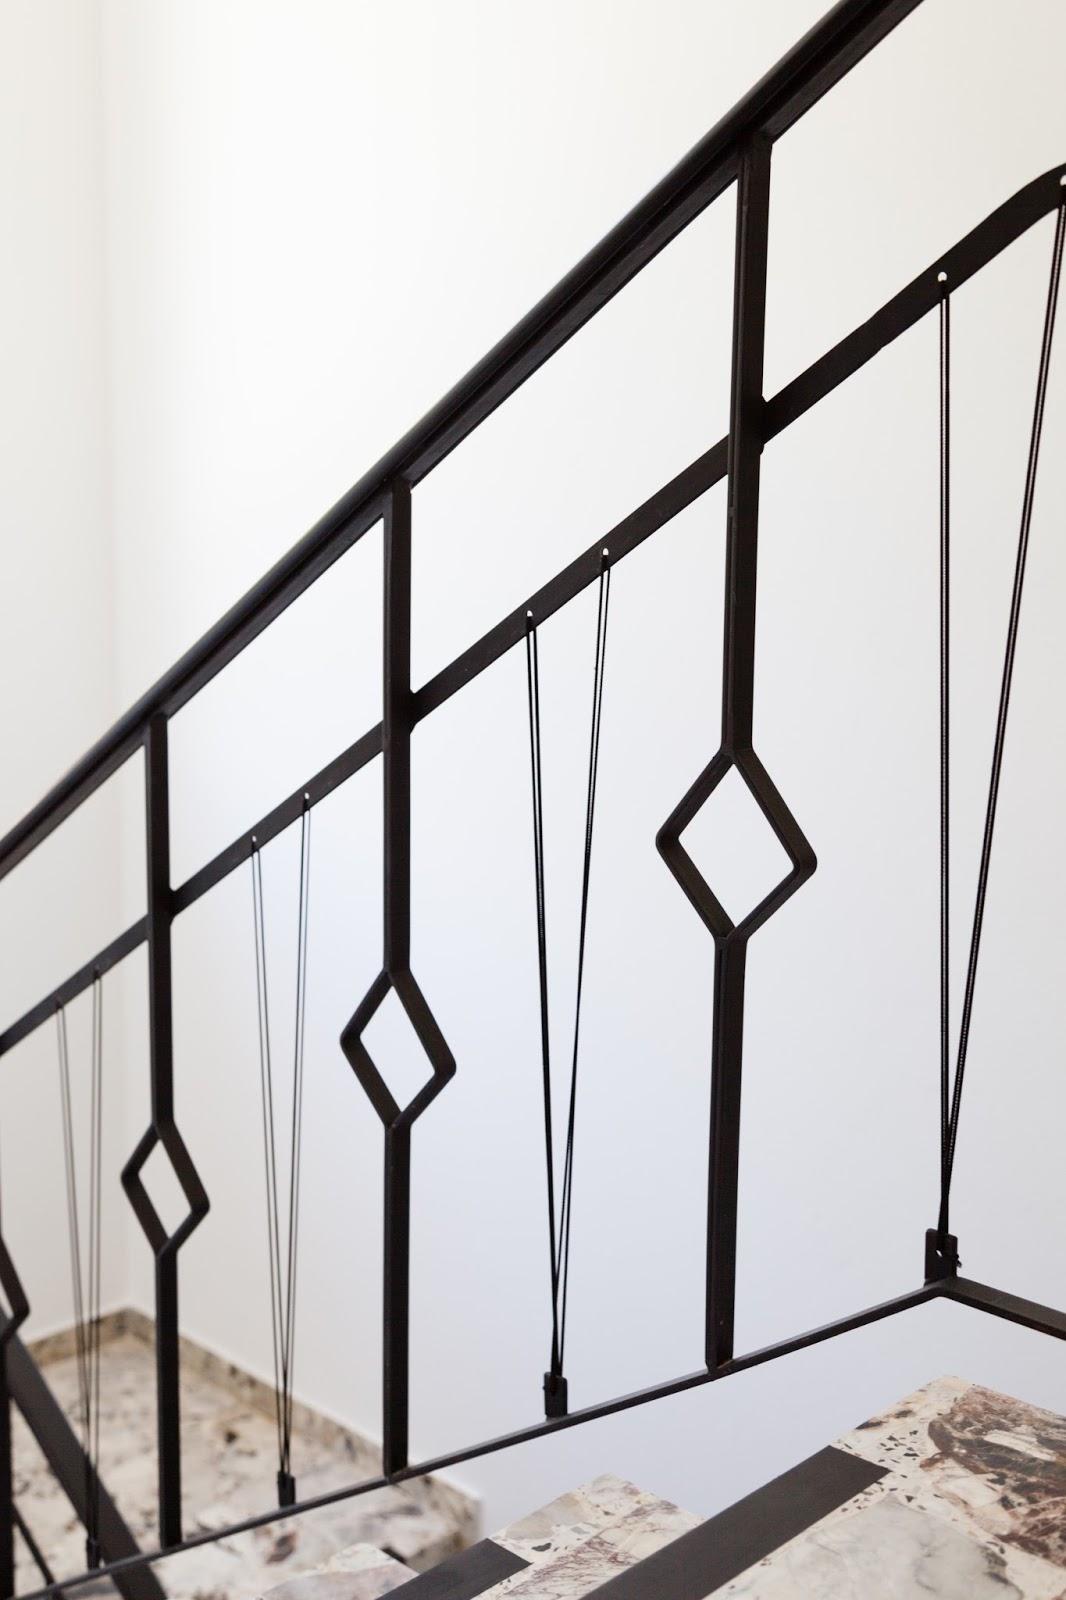 Treppenhaus modernisieren vorher nachher  Vorher-Nachher: Unser Treppenhaus mit Terrrrrrrrrrrrazzo ♥ - WOHN ...